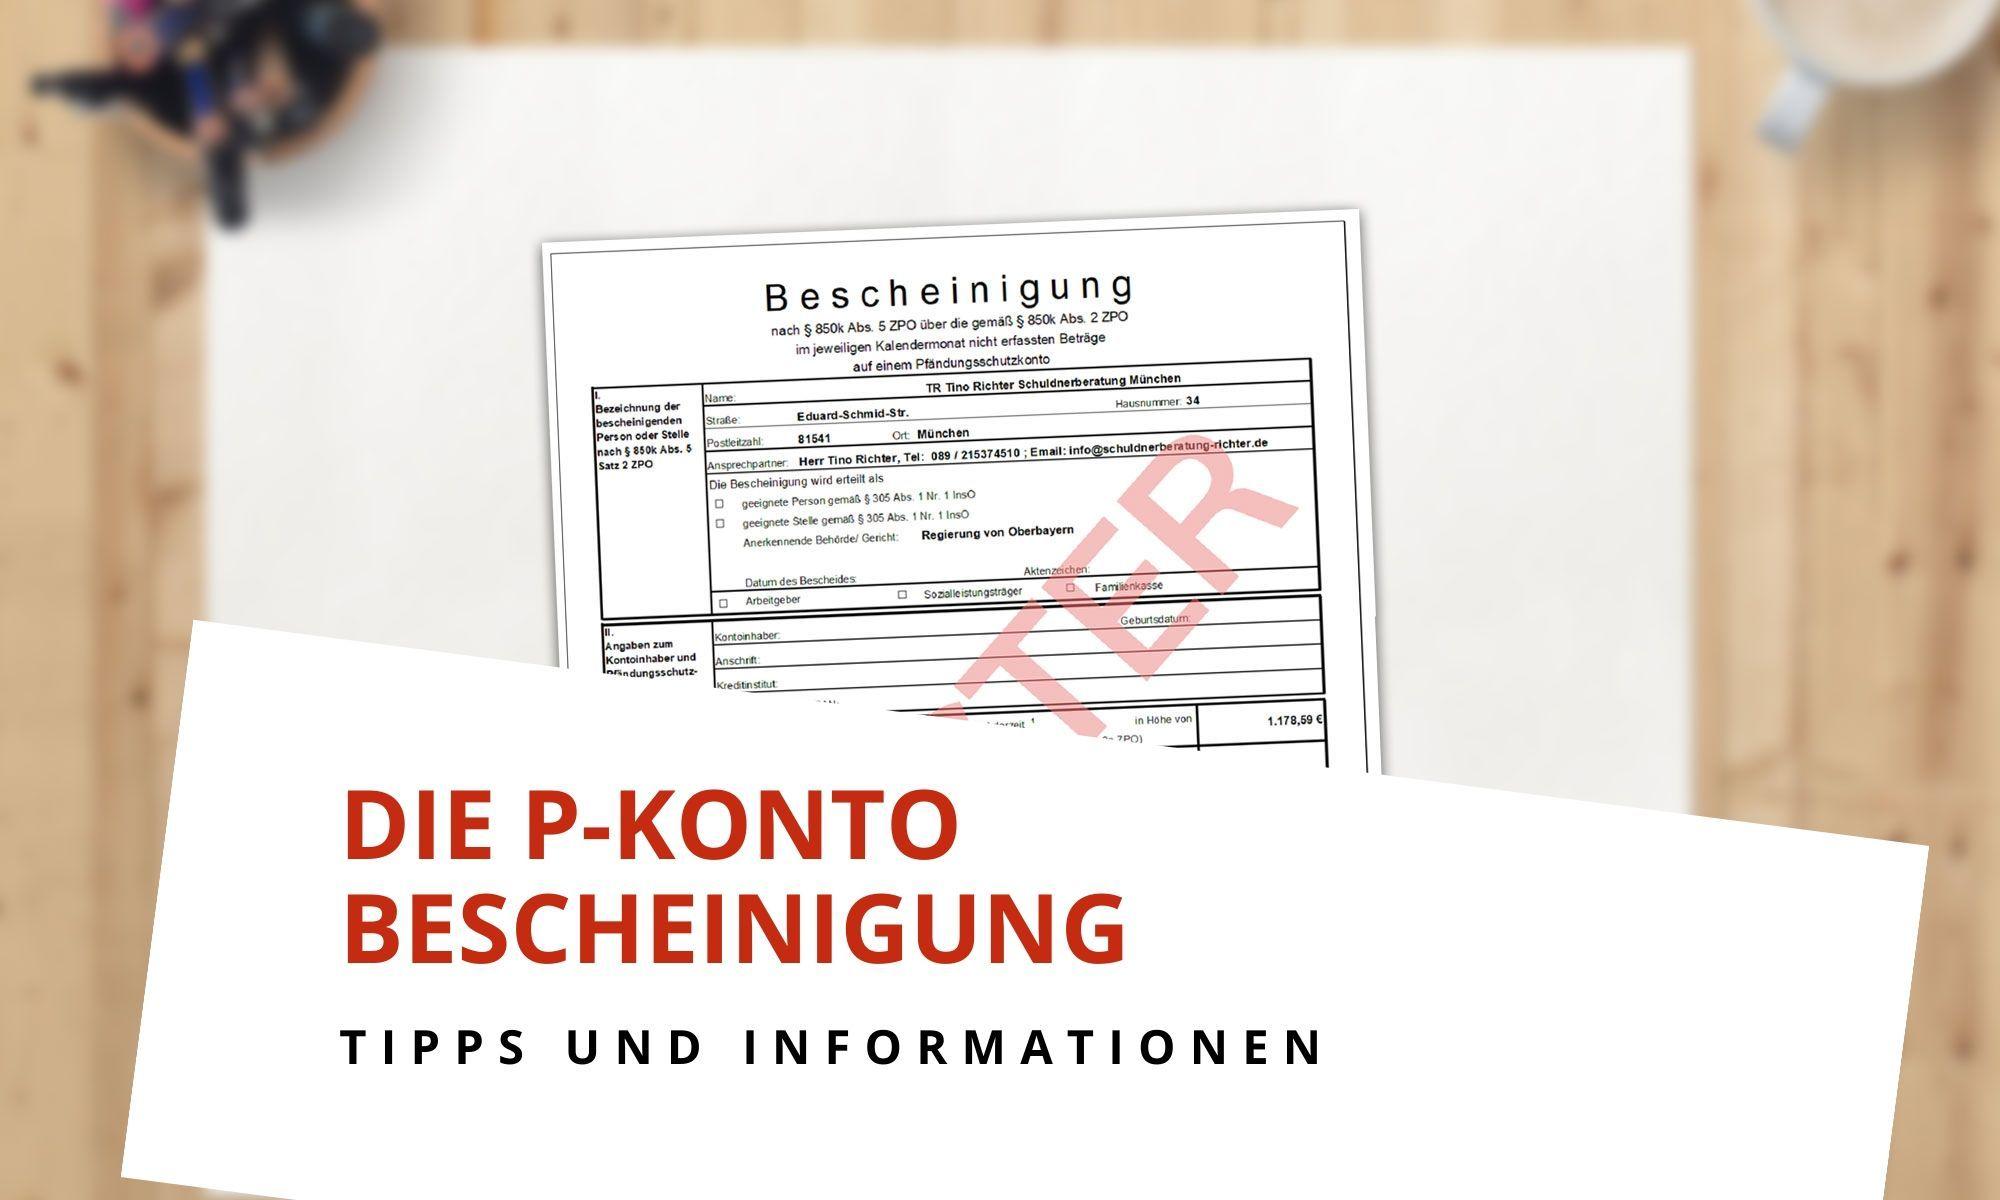 Die P-Konto-Bescheinigung - Tipps und Informationen